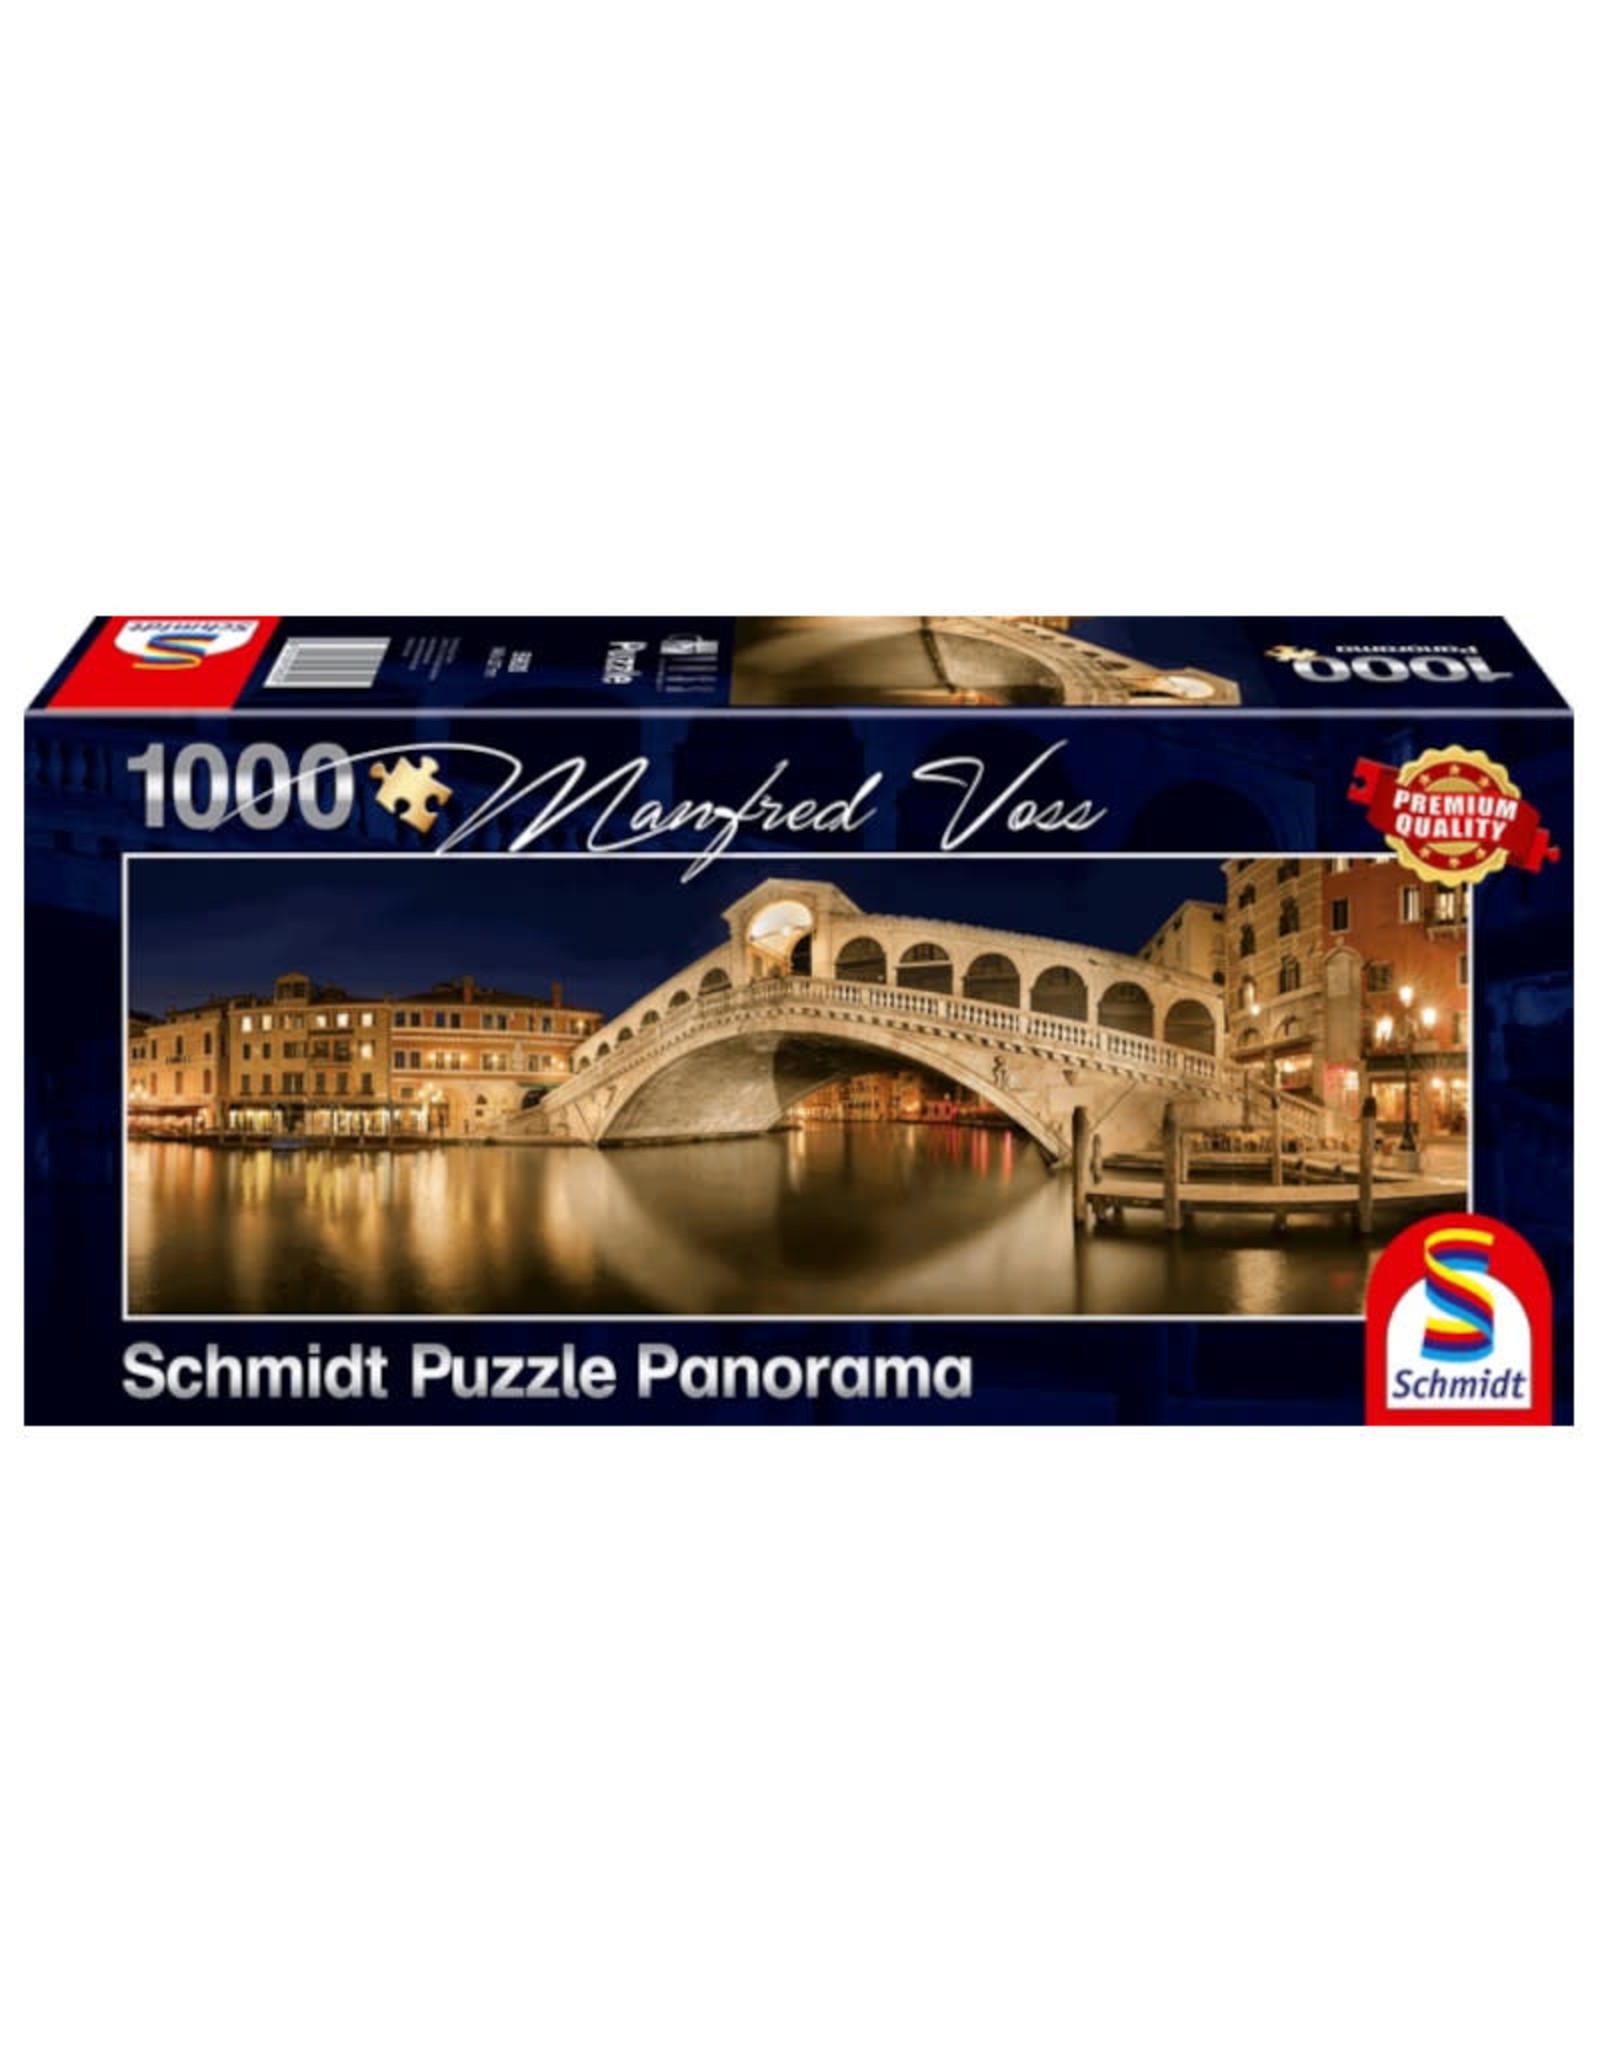 Schmidt Rialto Bridge 1000 PCS